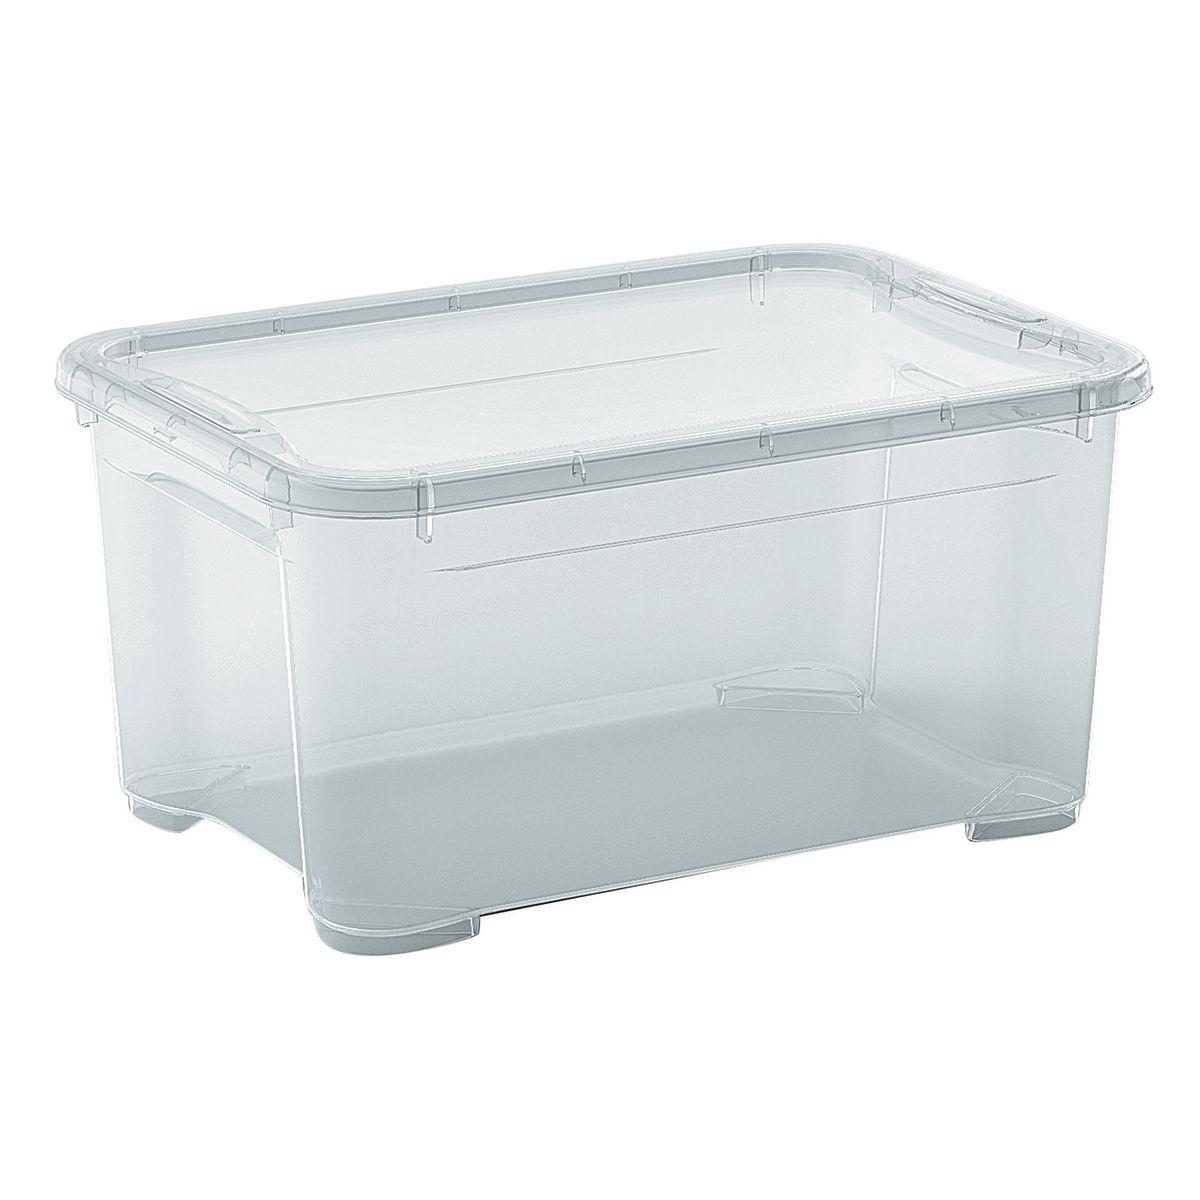 Contenitori e cassettiere: prezzi e offerte online per contenitori ...